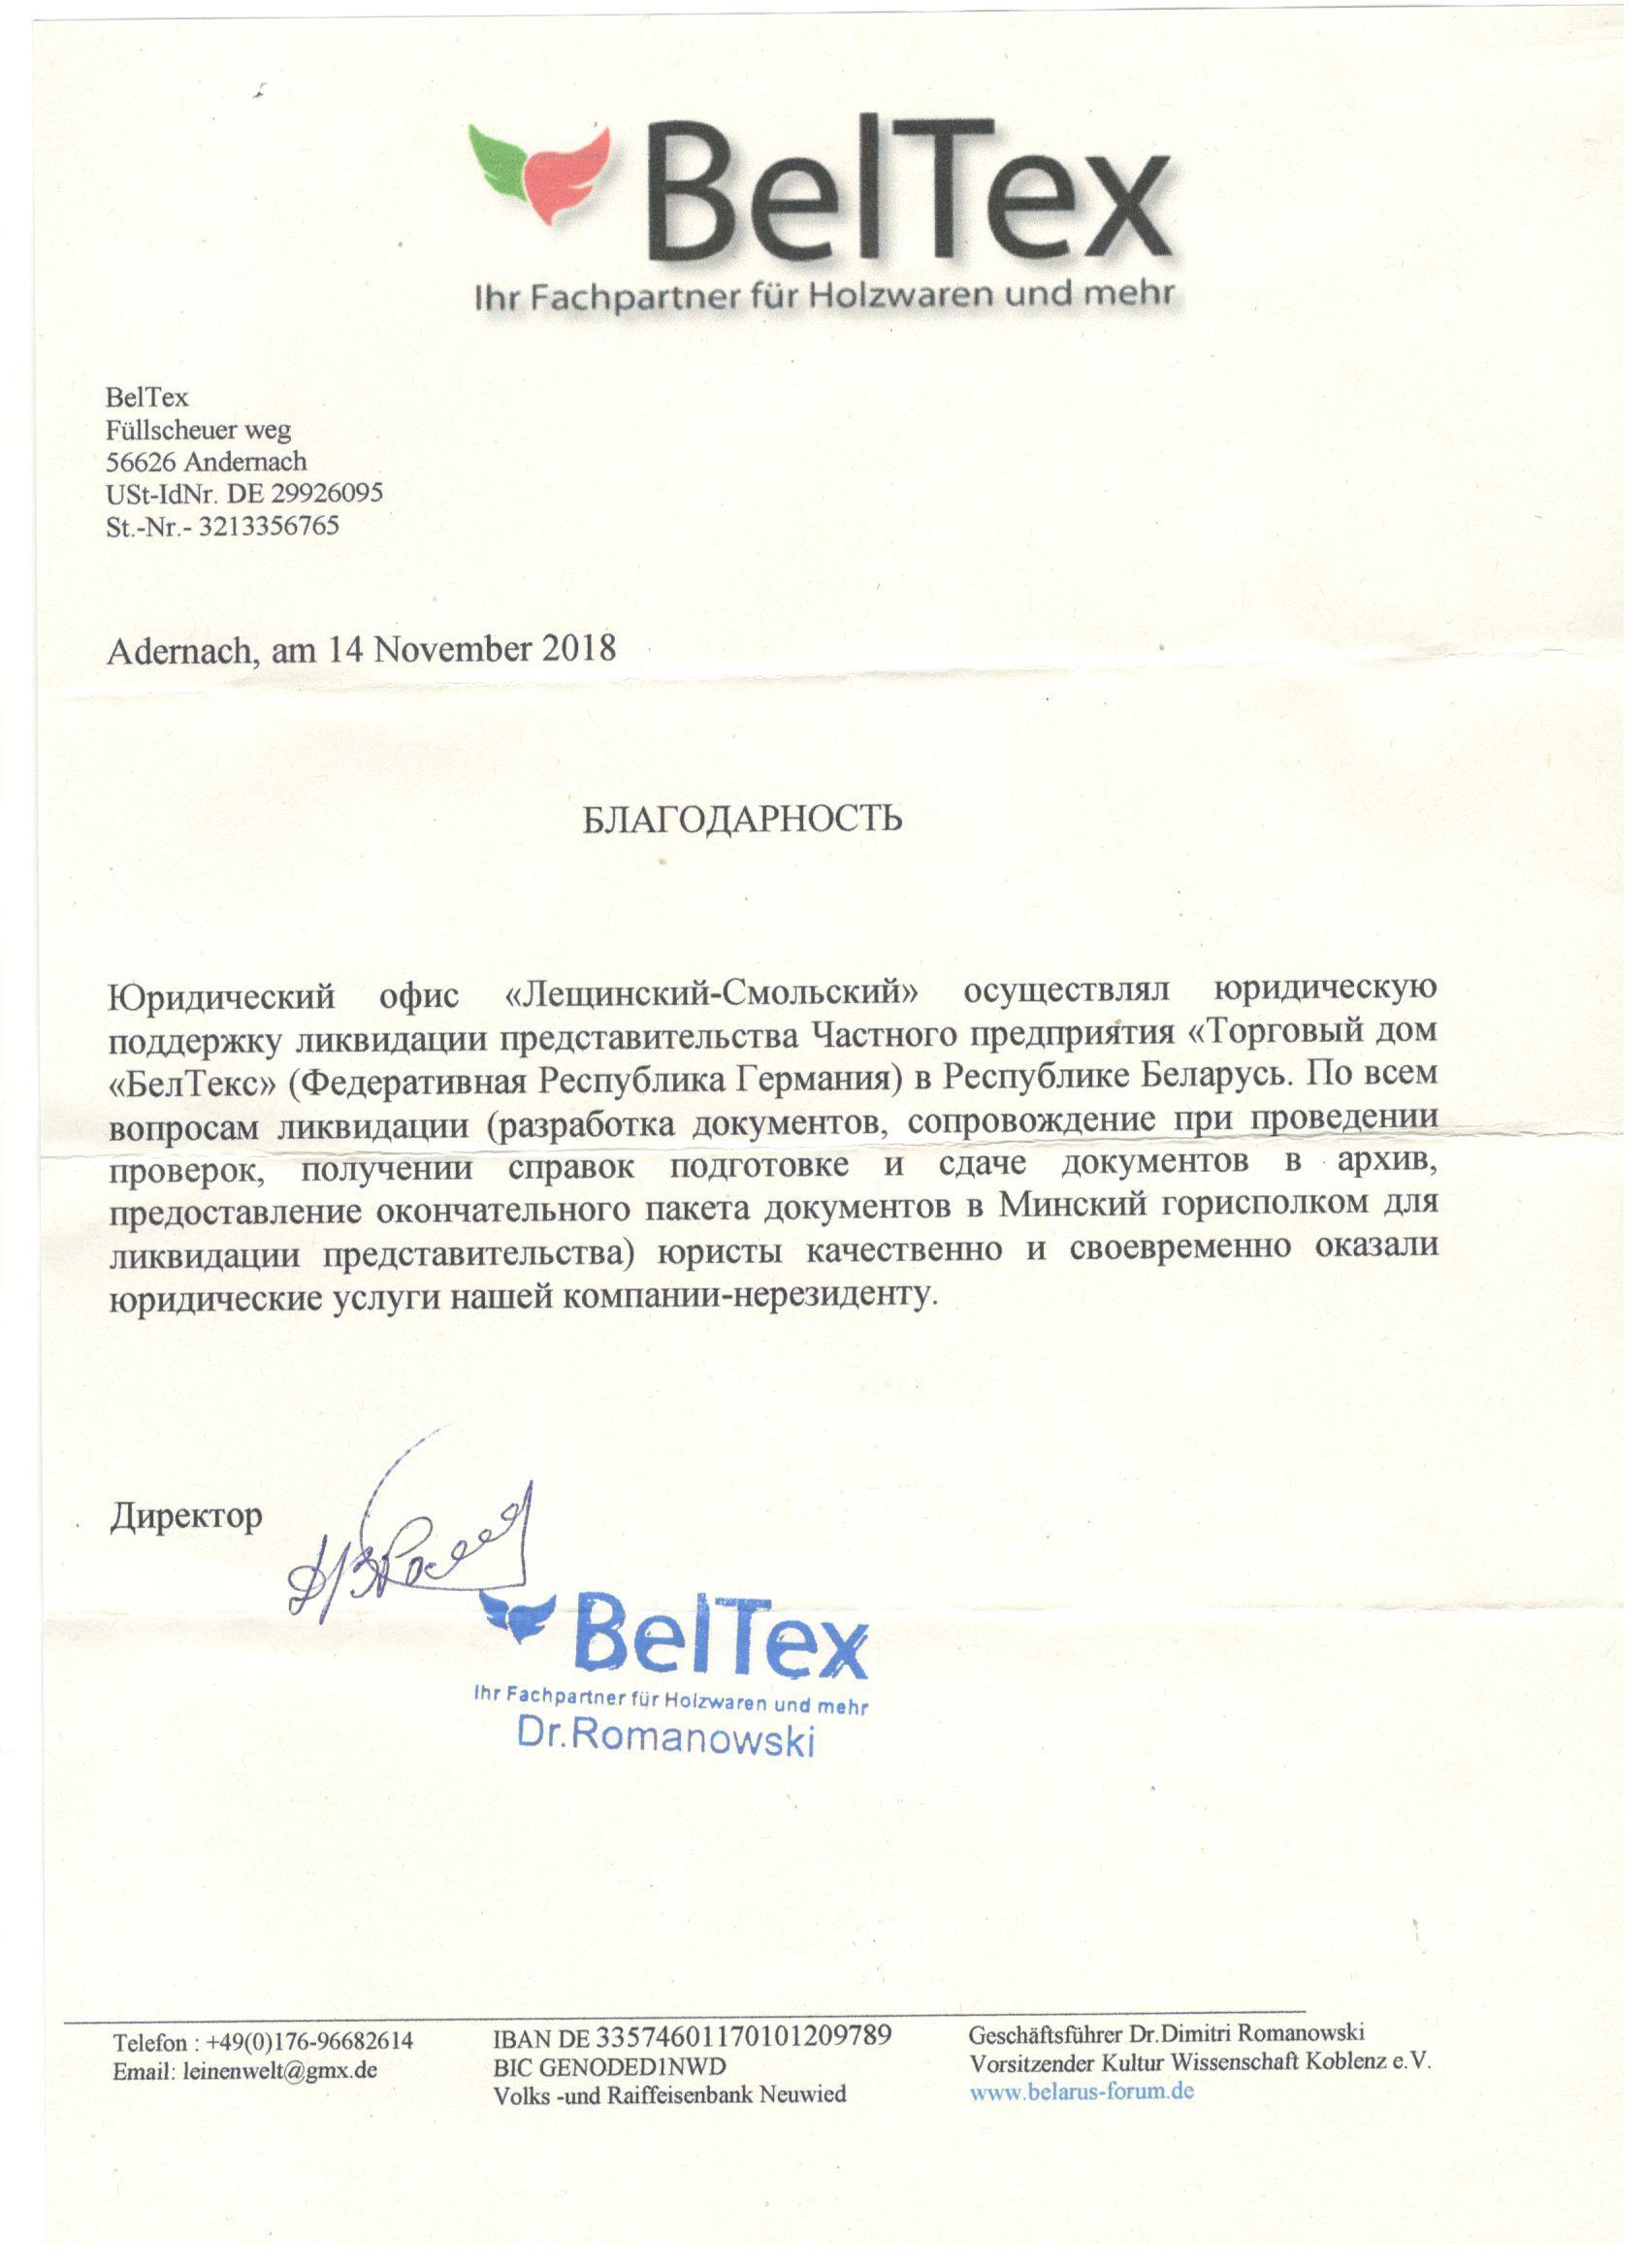 Представительство BelTex